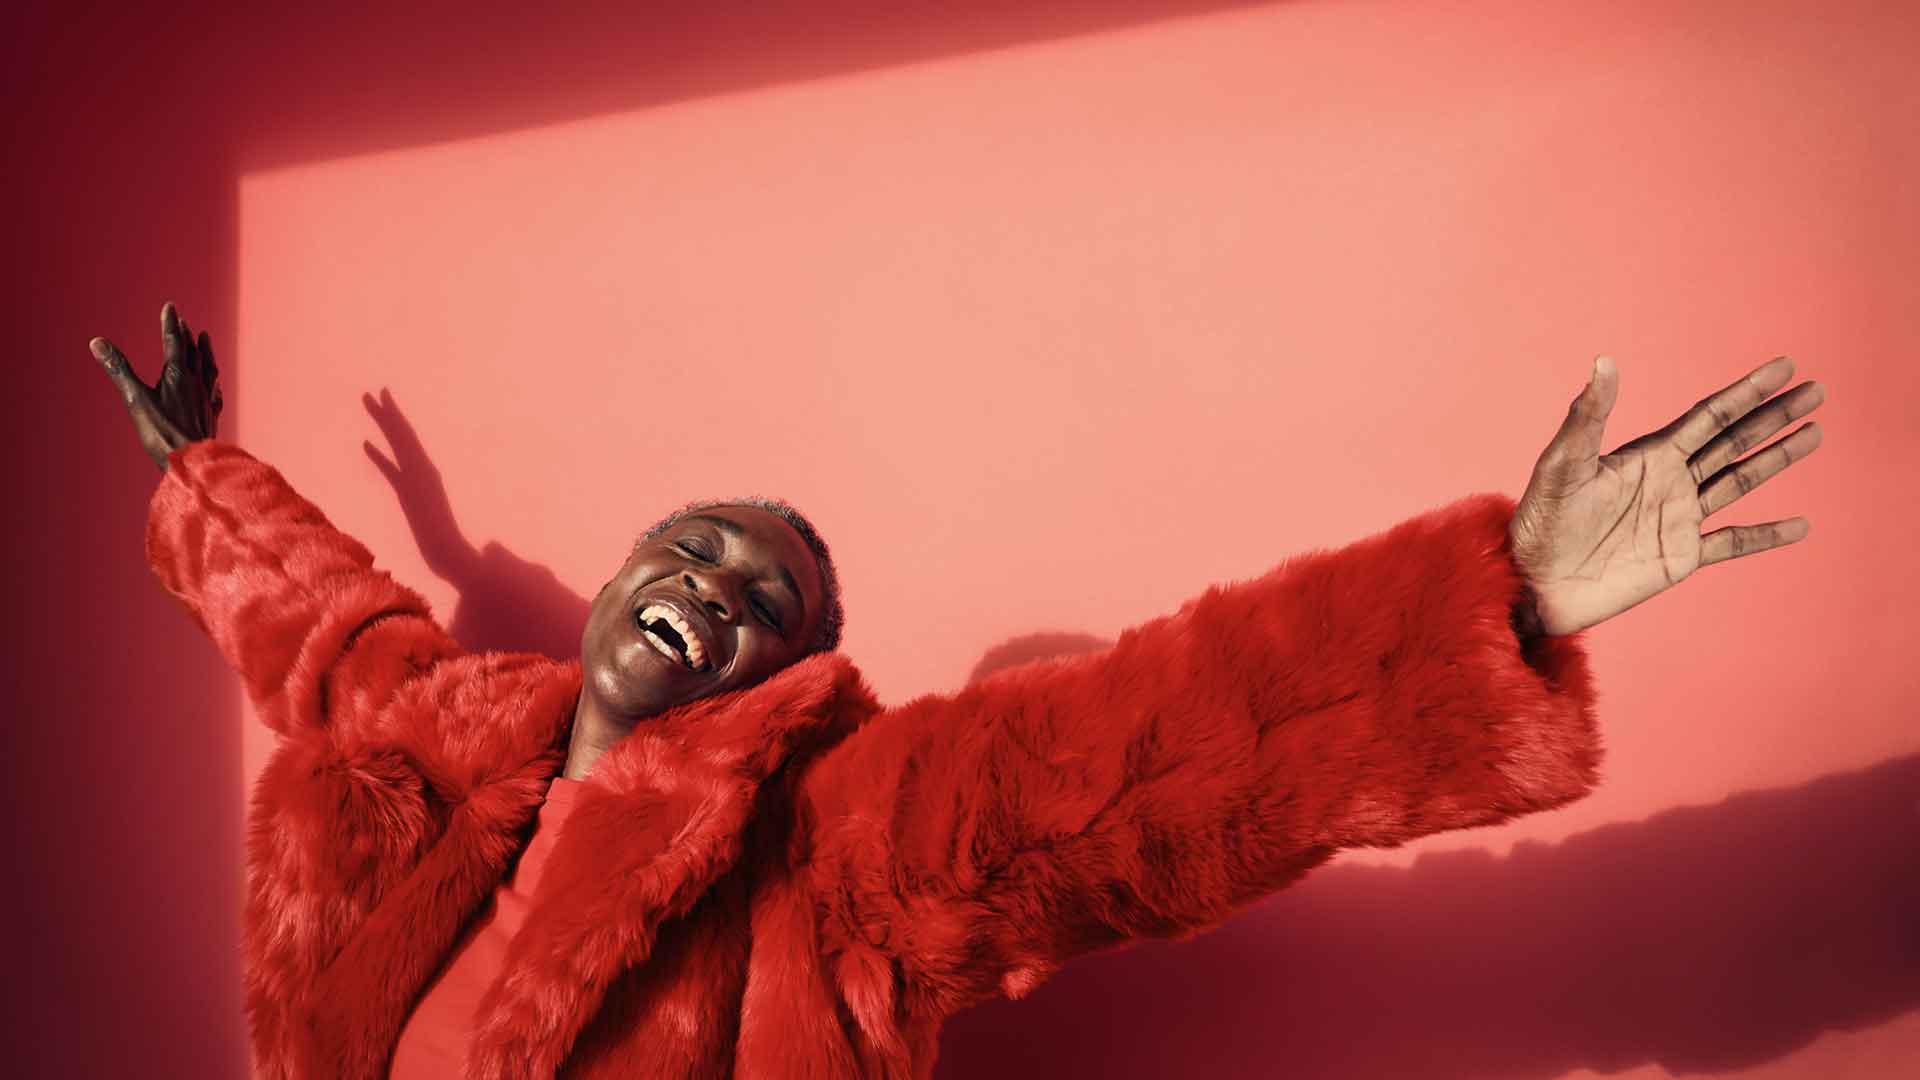 Eine Frau mit rotem Fake-Fur-Mantel streckt lachend die Arme aus.